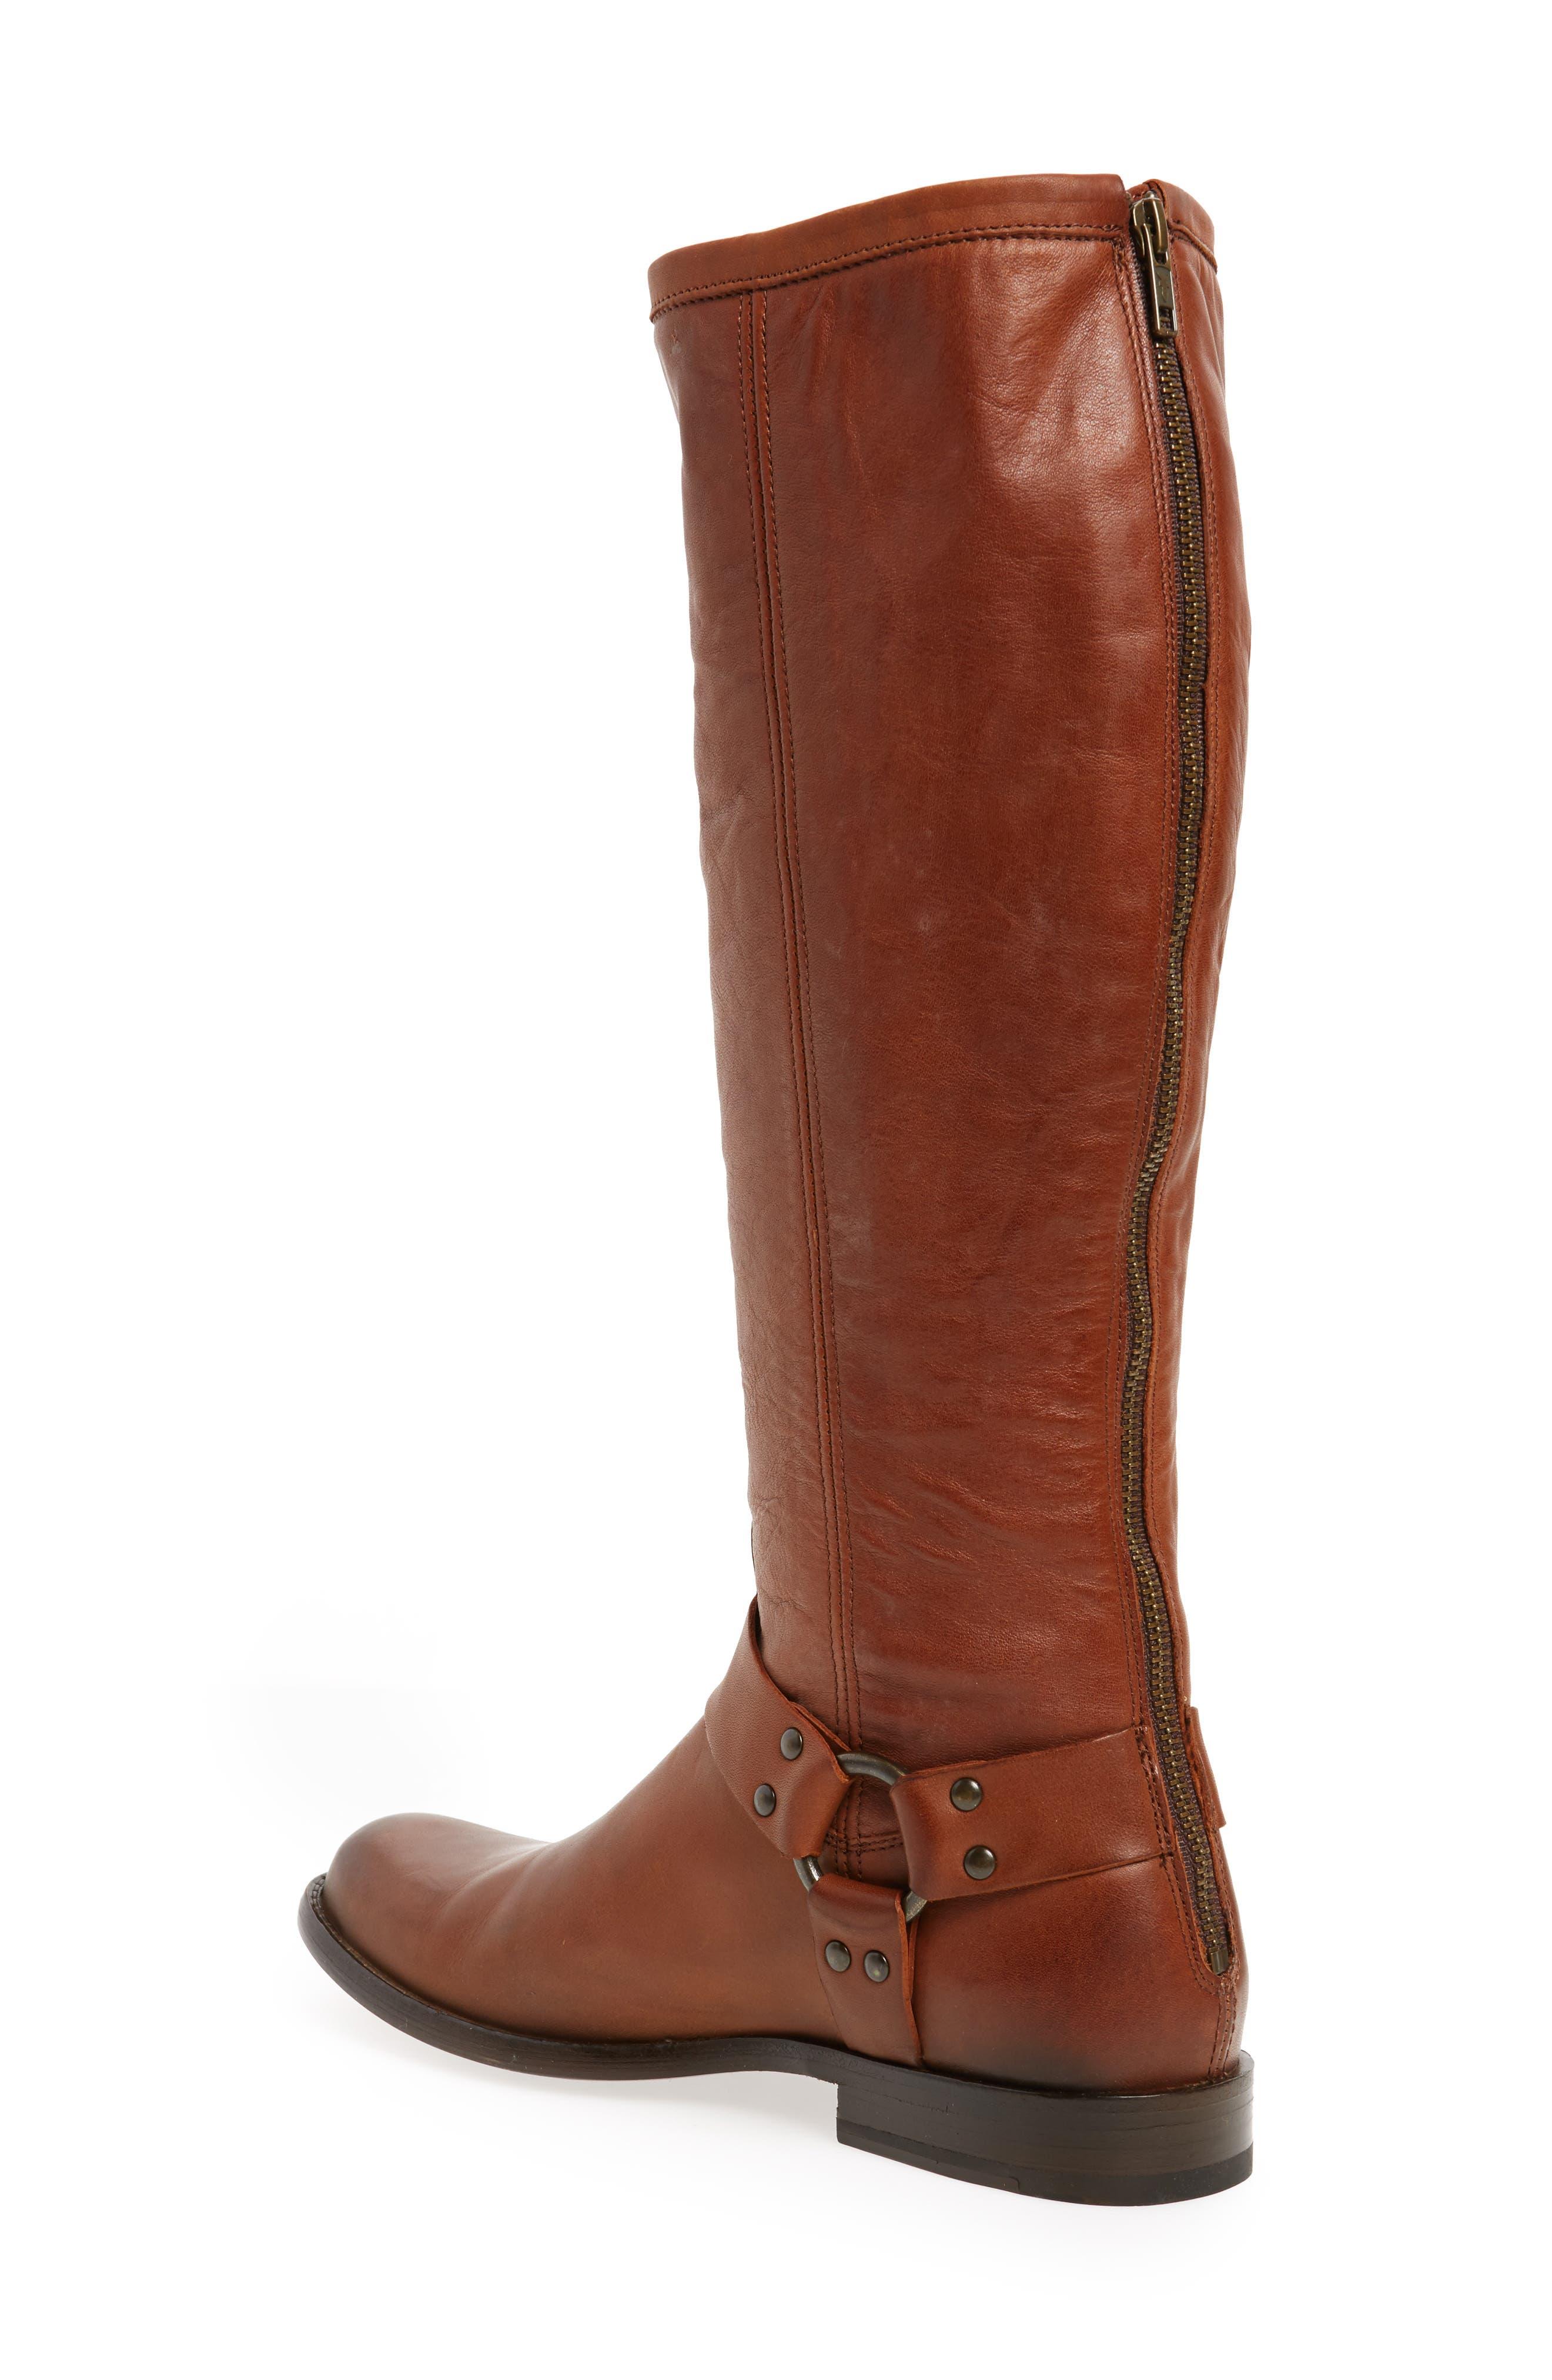 Alternate Image 2  - Frye Phillip Harness Tall Boot (Women) (Regular & Extended Calf)